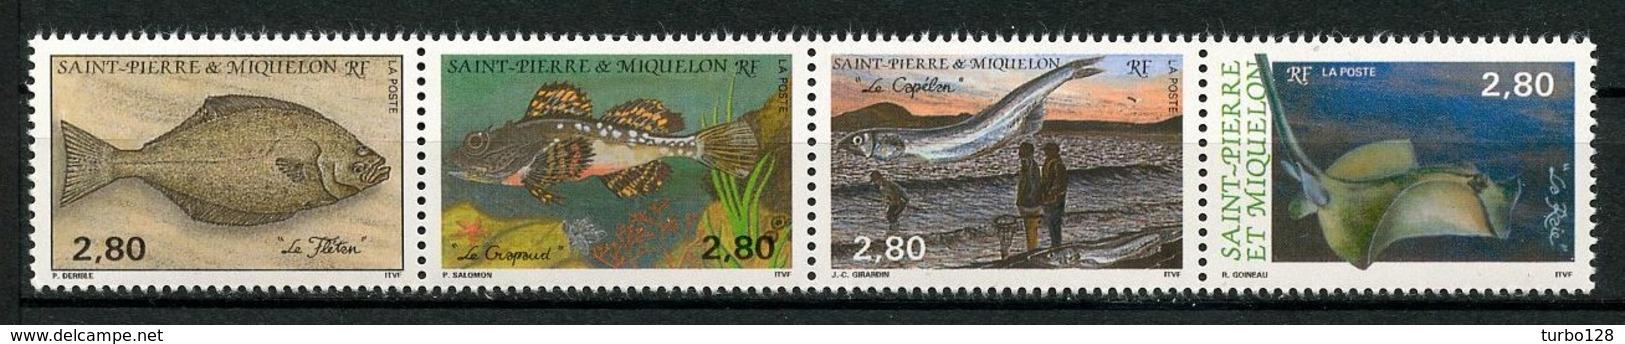 SPM MIQUELON 1993 N° 580/583 ** Neufs MNH Superbes C 6.40 € Faune Poissons Fishes Animaux Crapaud Raie Flétan - St.Pierre Et Miquelon